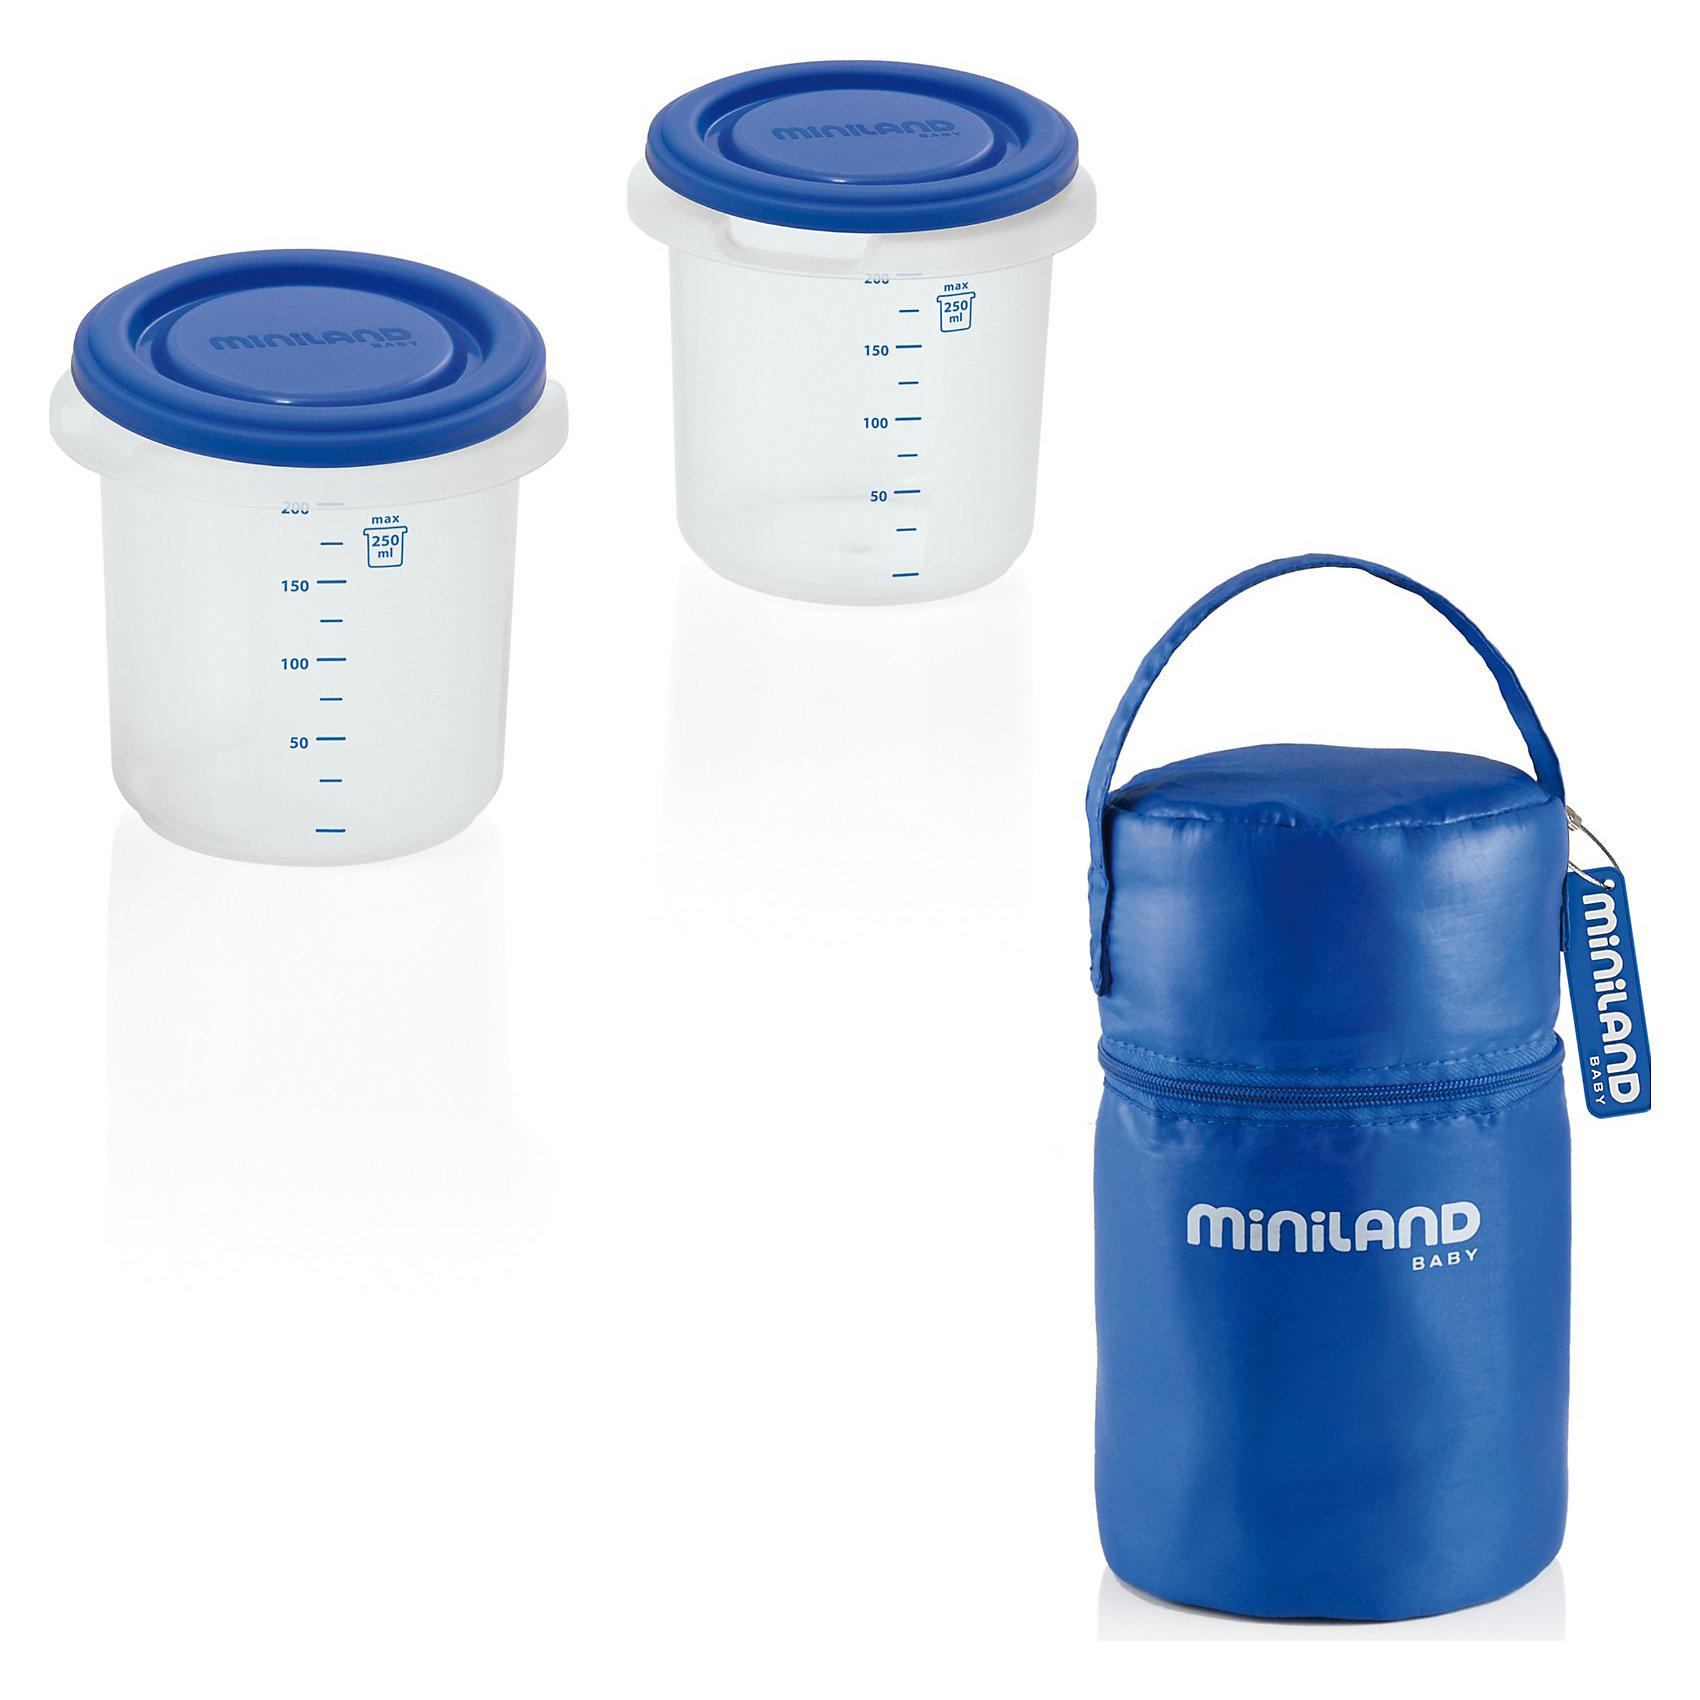 Miniland Термосумка с 2-мя мерными стаканчиками, HERMISIZED, термосумка miniland термосумка с 2 мерными стаканчиками синяя